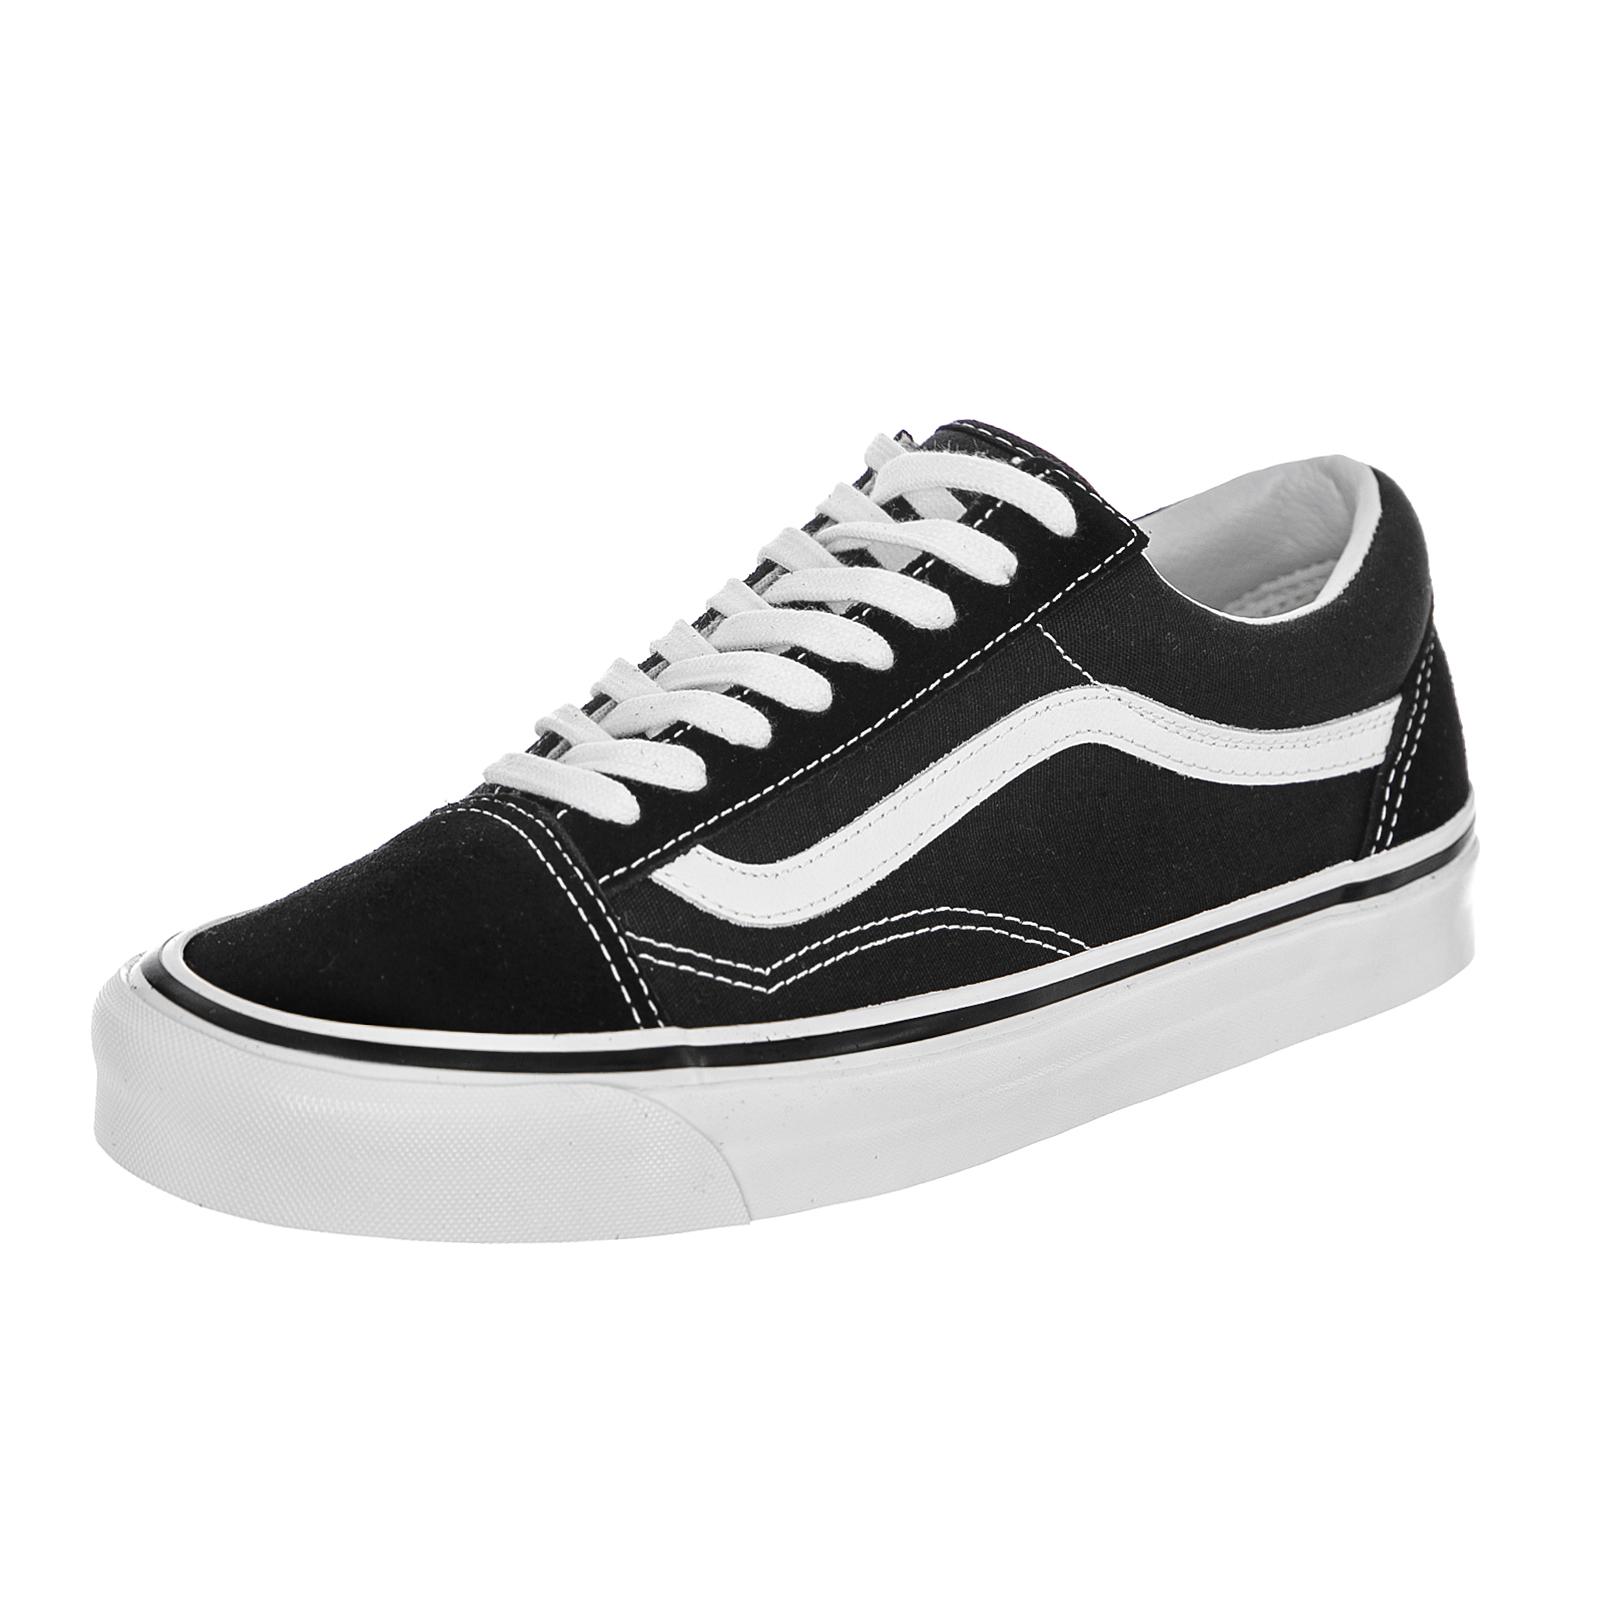 Détails sur Vans Sneakers Old Skool 36 Dx (Anaheim Factory) Black True White Nero